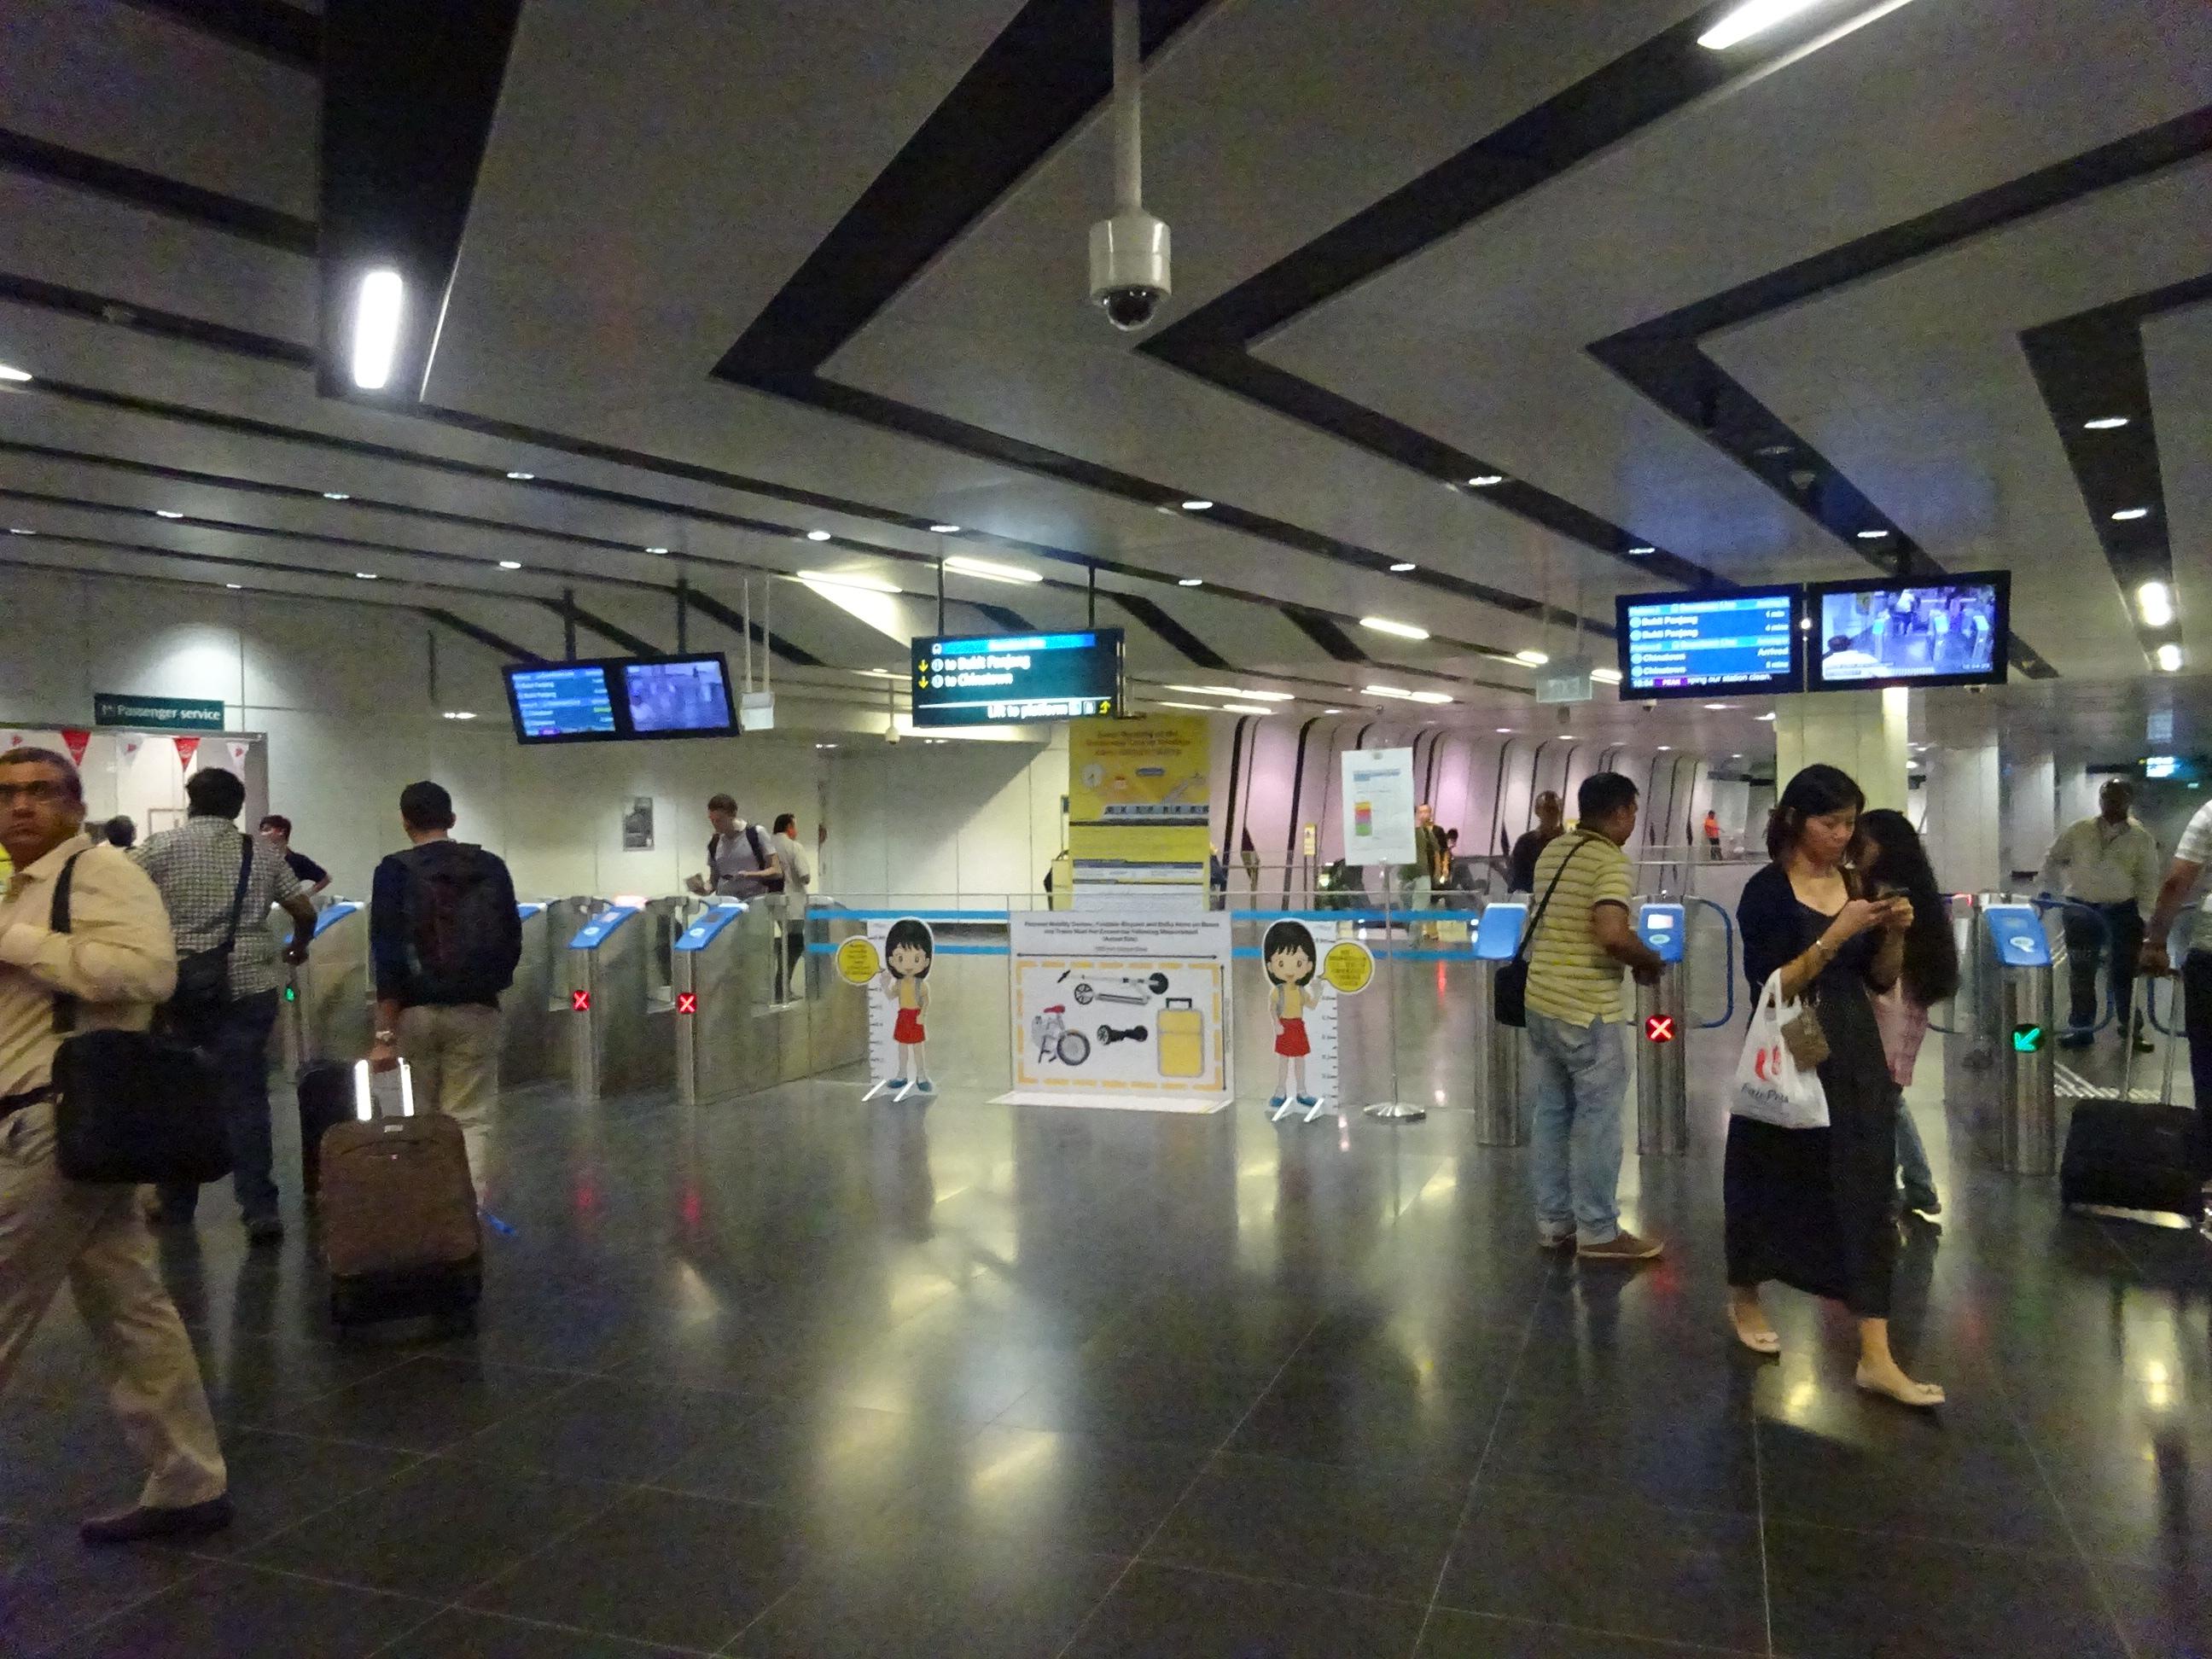 シンガポールの移動に便利な地下鉄